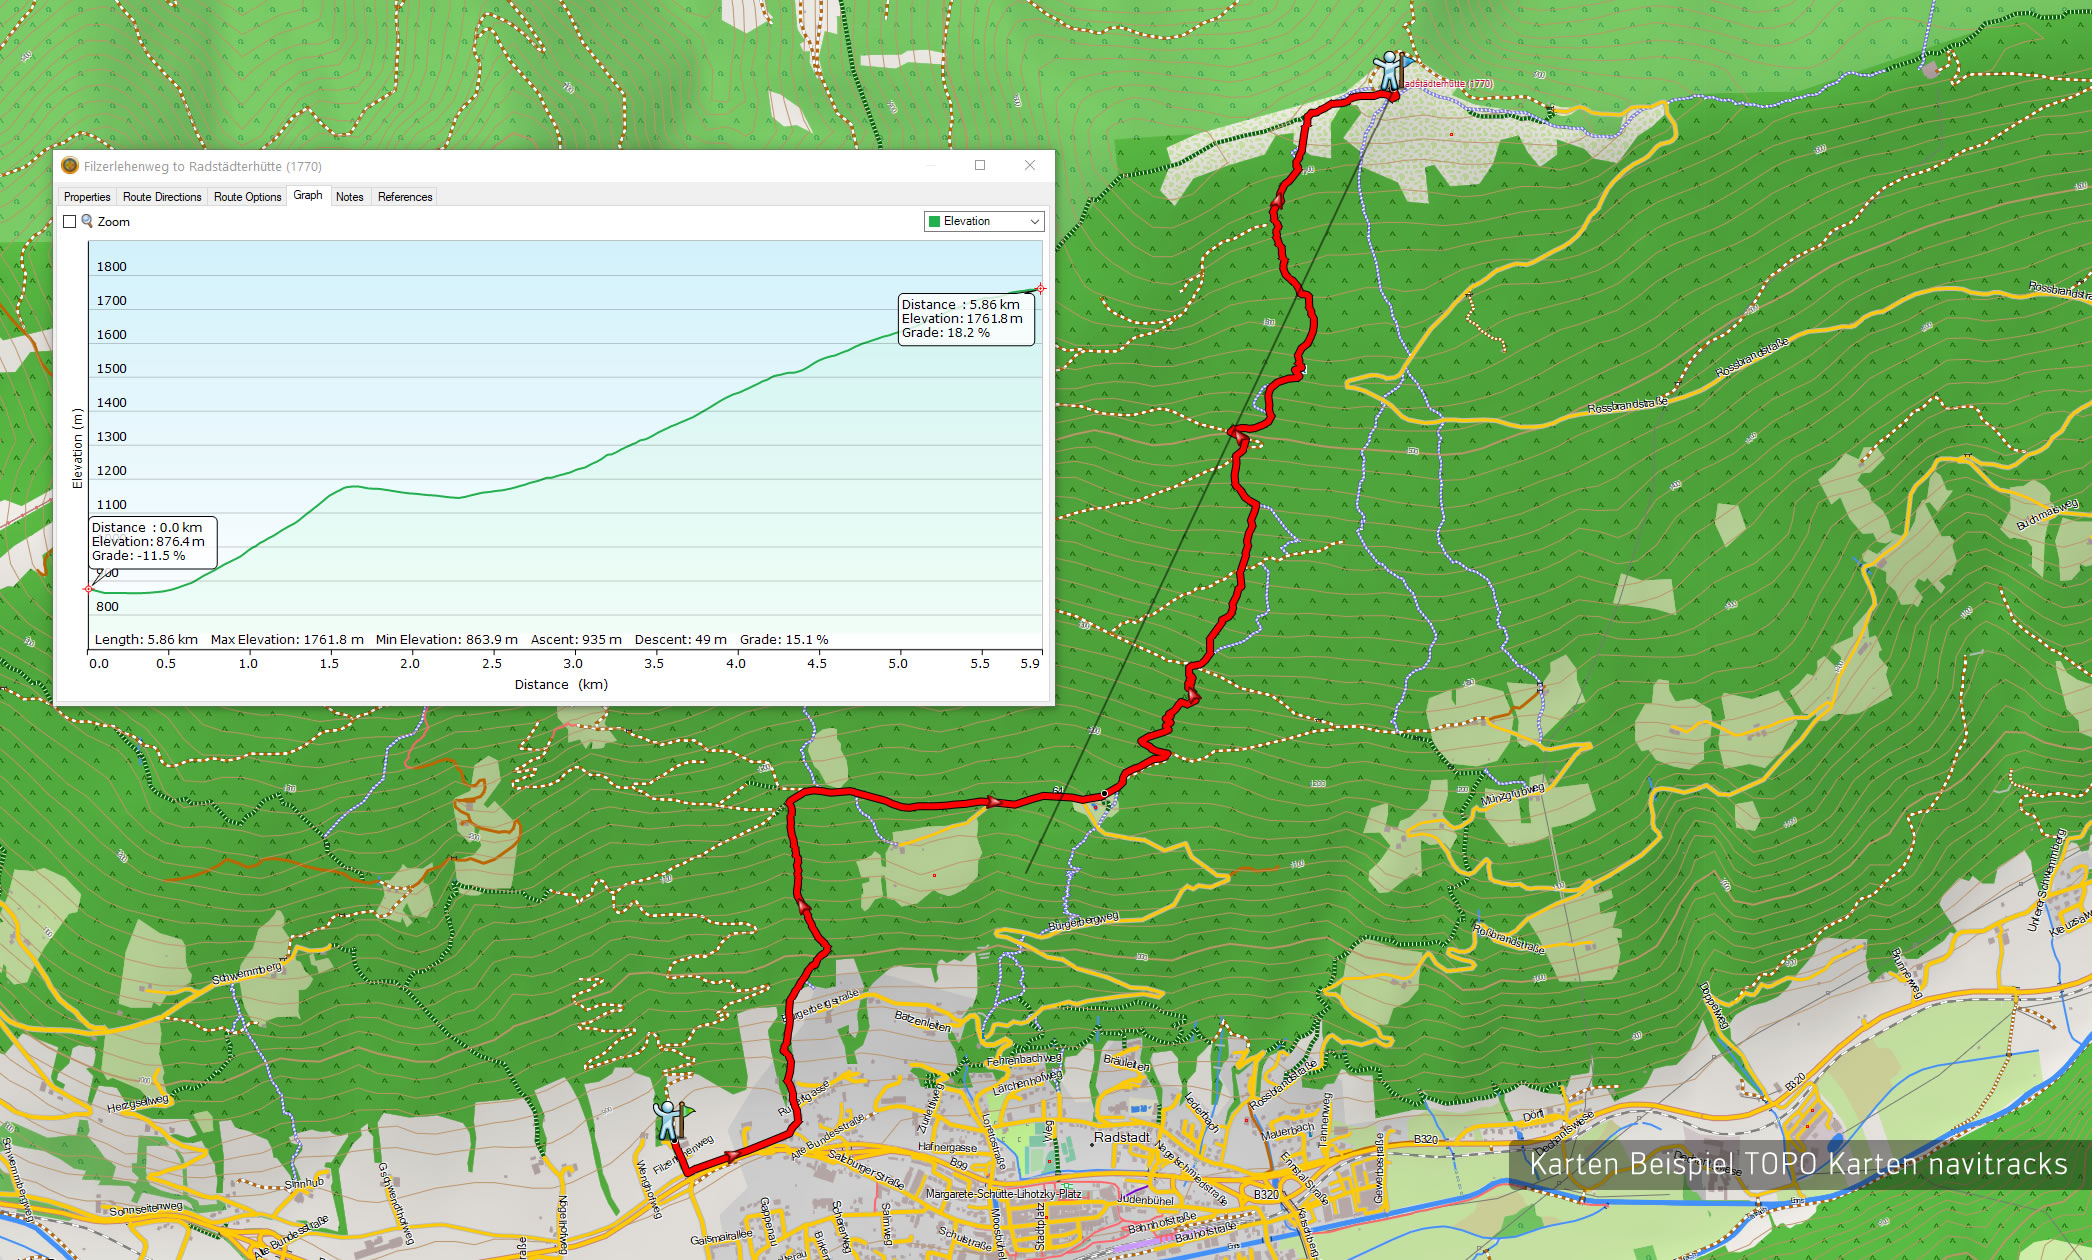 Schweden Topo Gps Karte Garmin Mit 20m Srtm Hohelinien Download